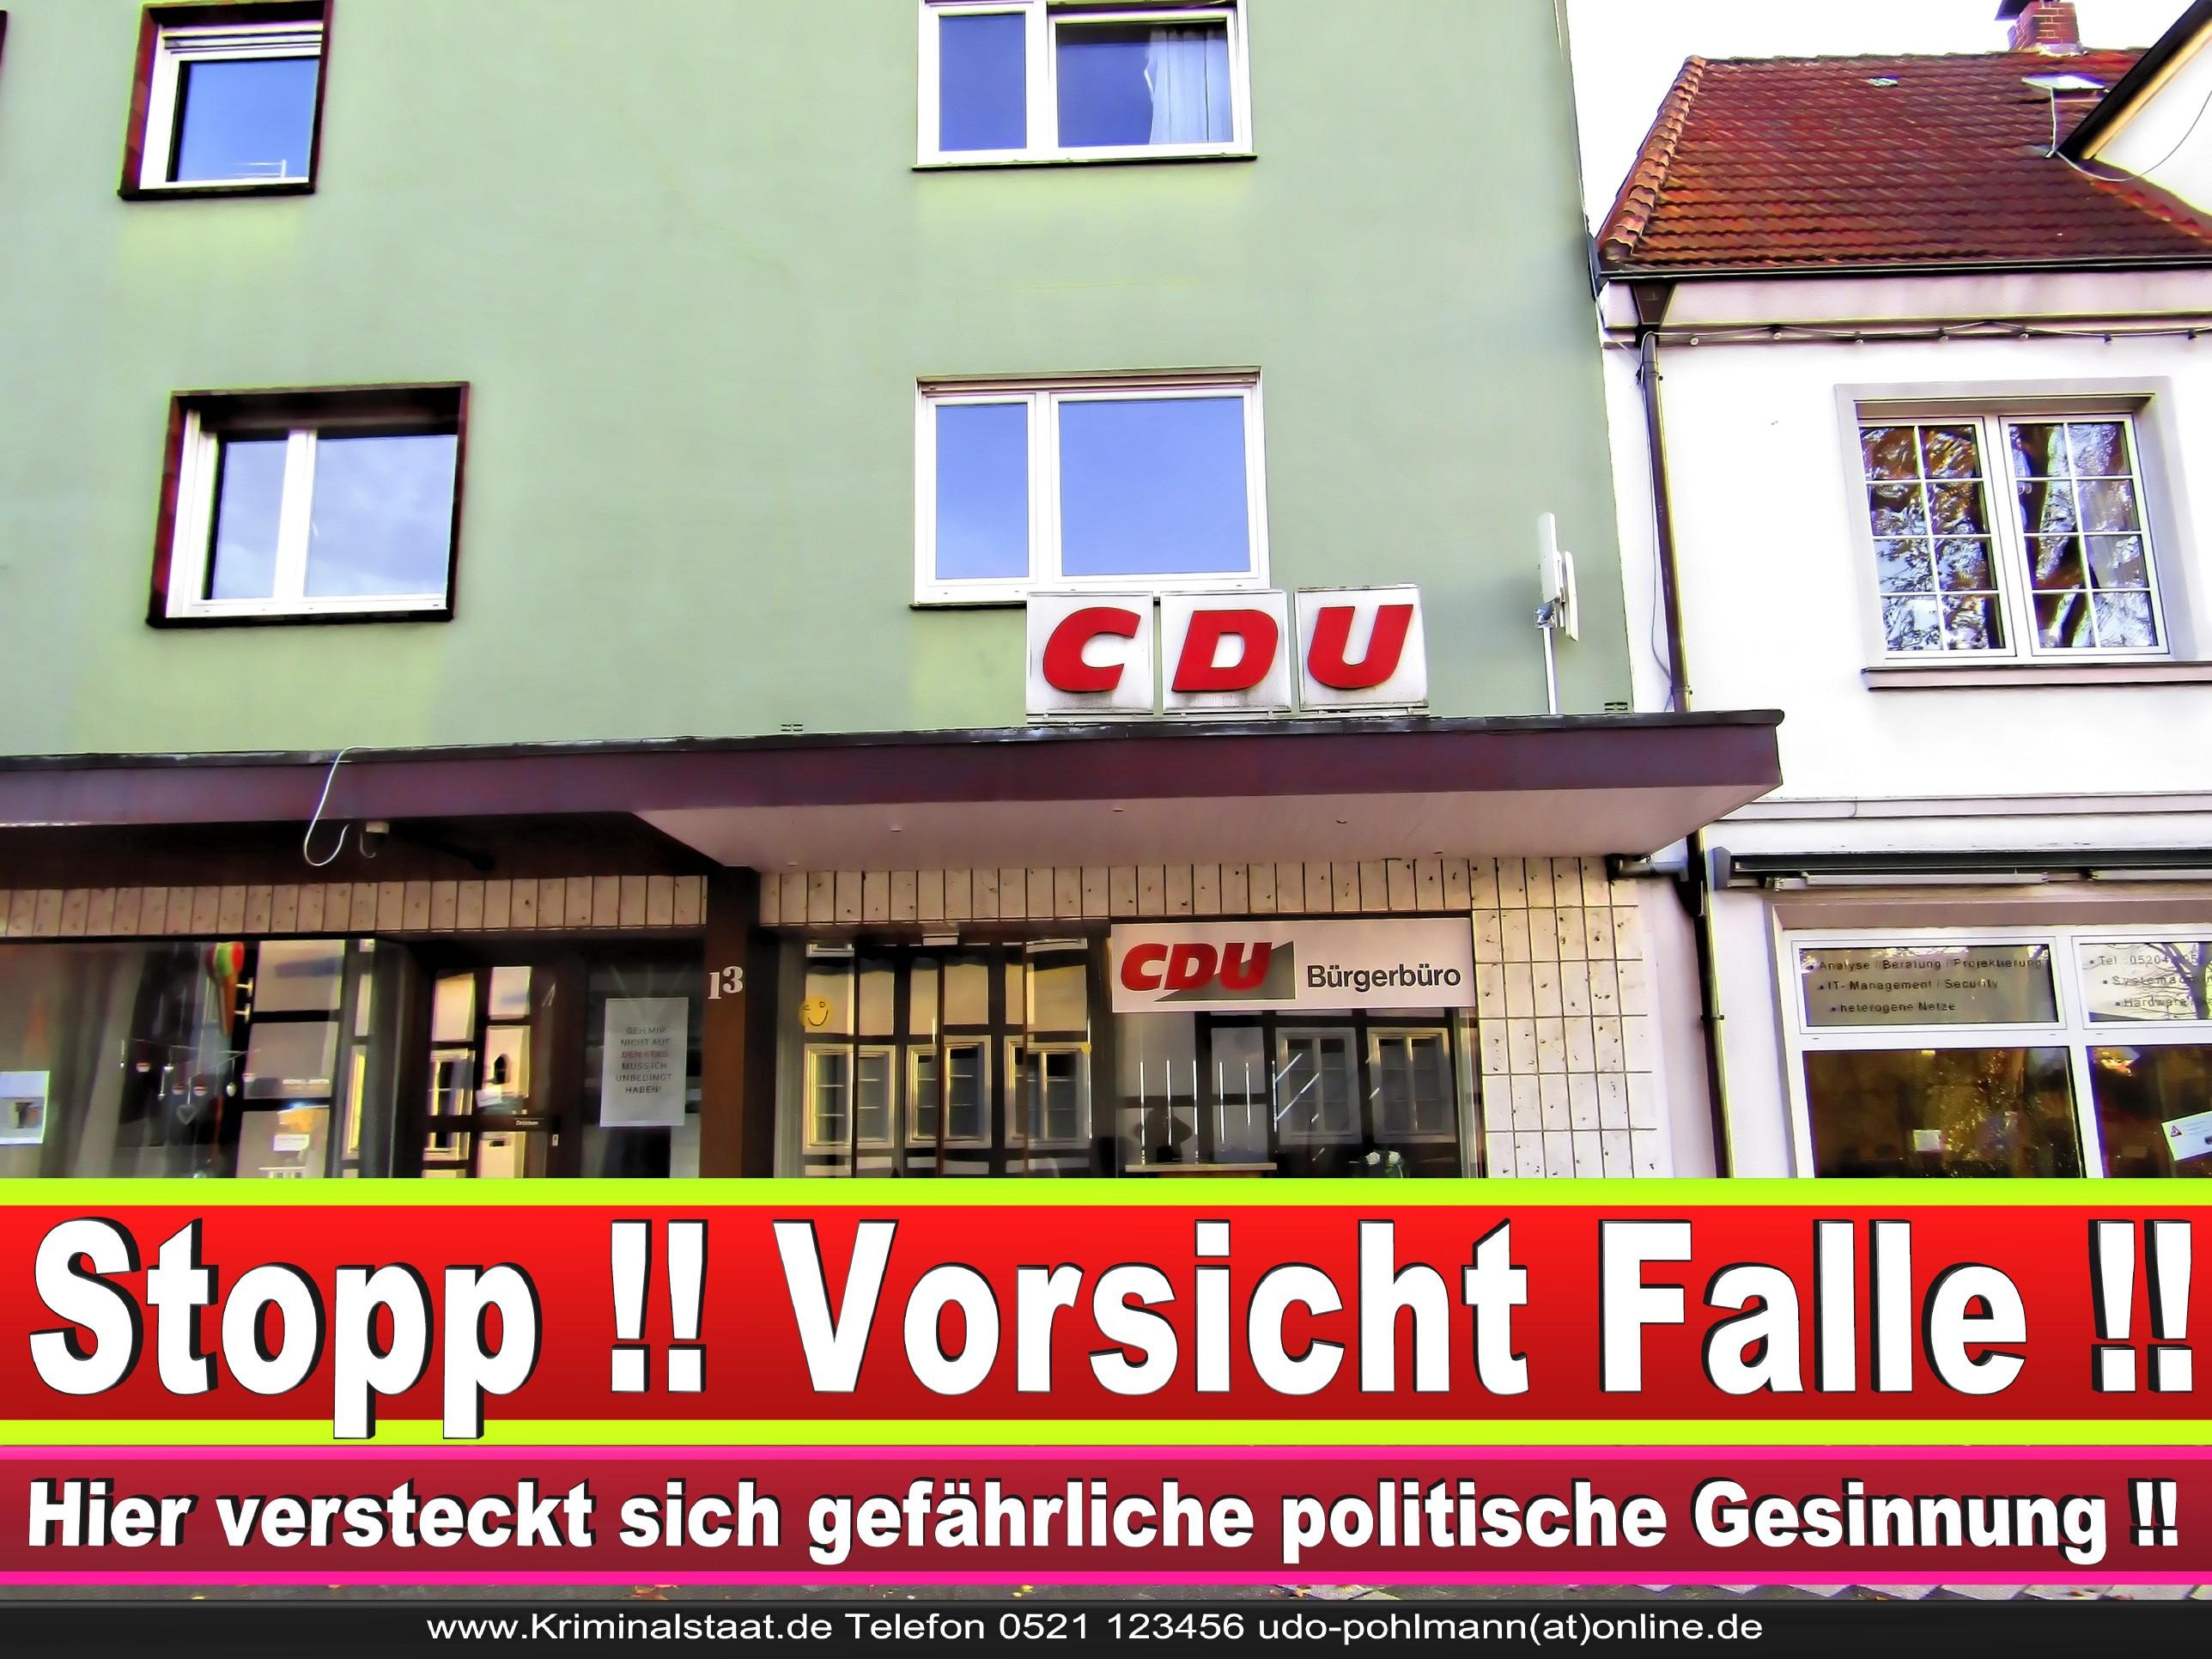 CDU Gemeindeverband Steinhagen Am Markt 13 33803 Steinhagen NRW Ortsverband CDU Steinhagen 2